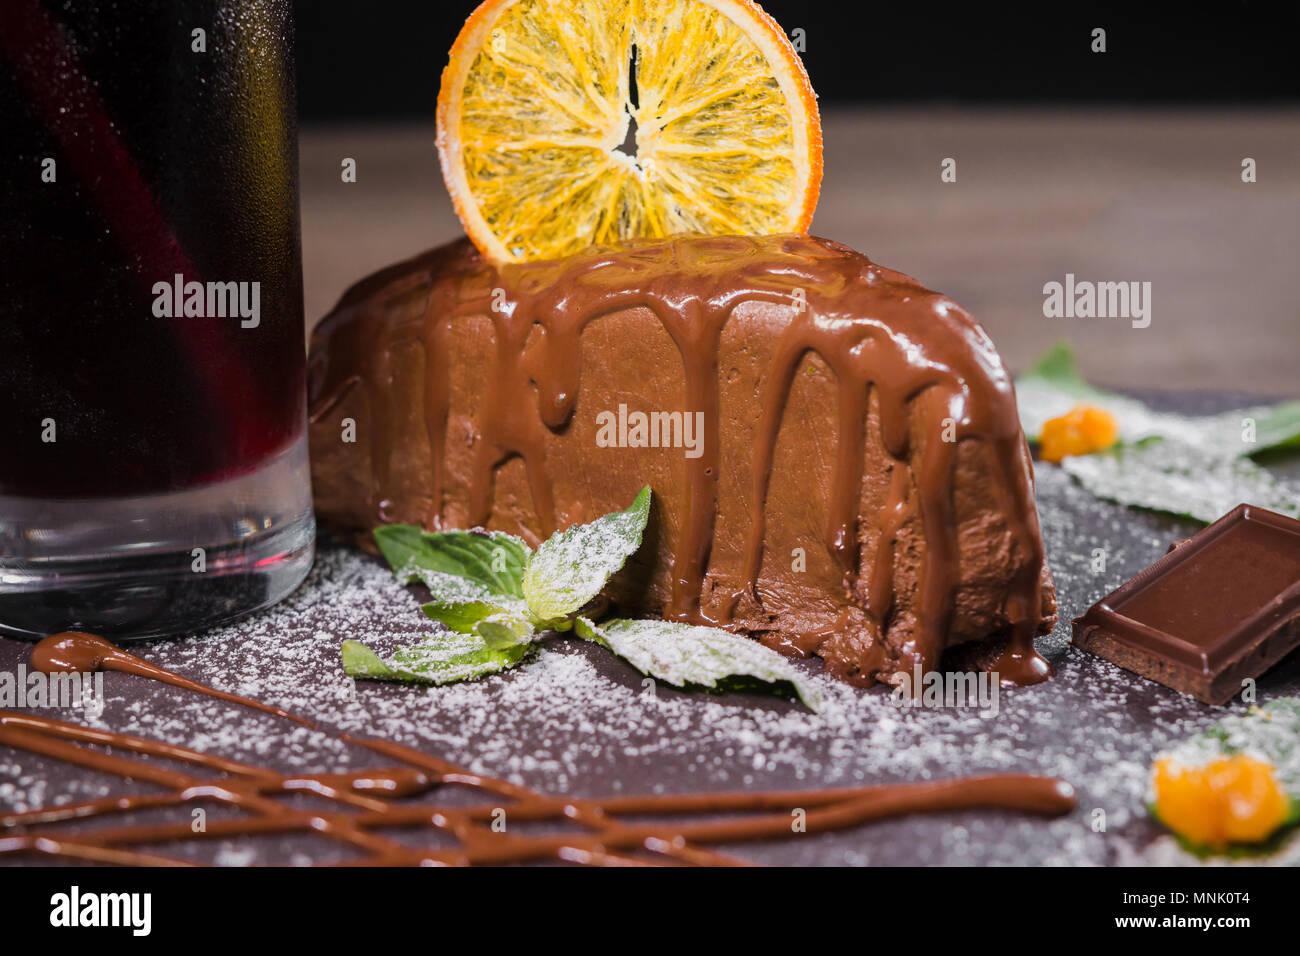 Dessert Schokolade mit orange Chips auf einer hölzernen Hintergrund Stockbild